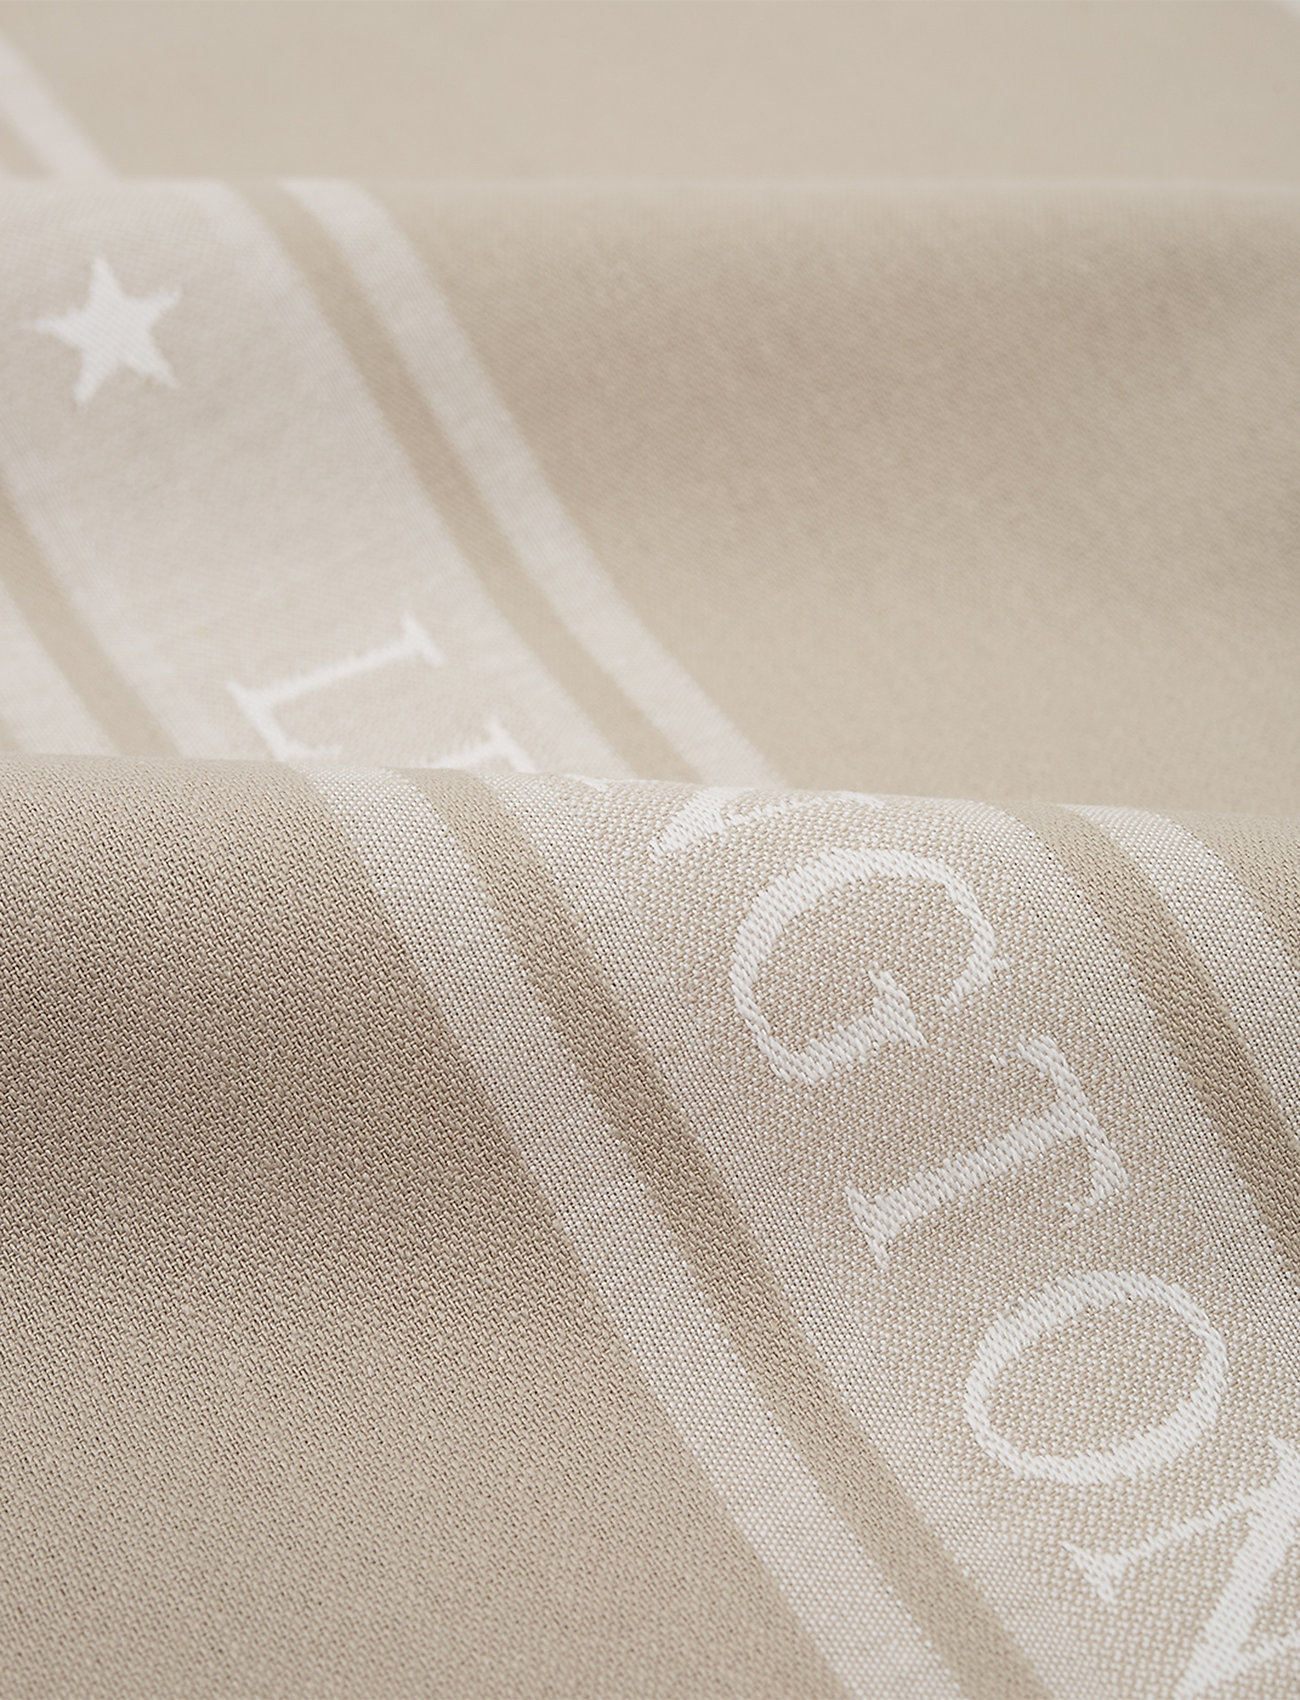 Lexington Home - Icons Cotton Jacquard Star Kitchen Towel - keittiöpyyhkeet - beige/white - 1